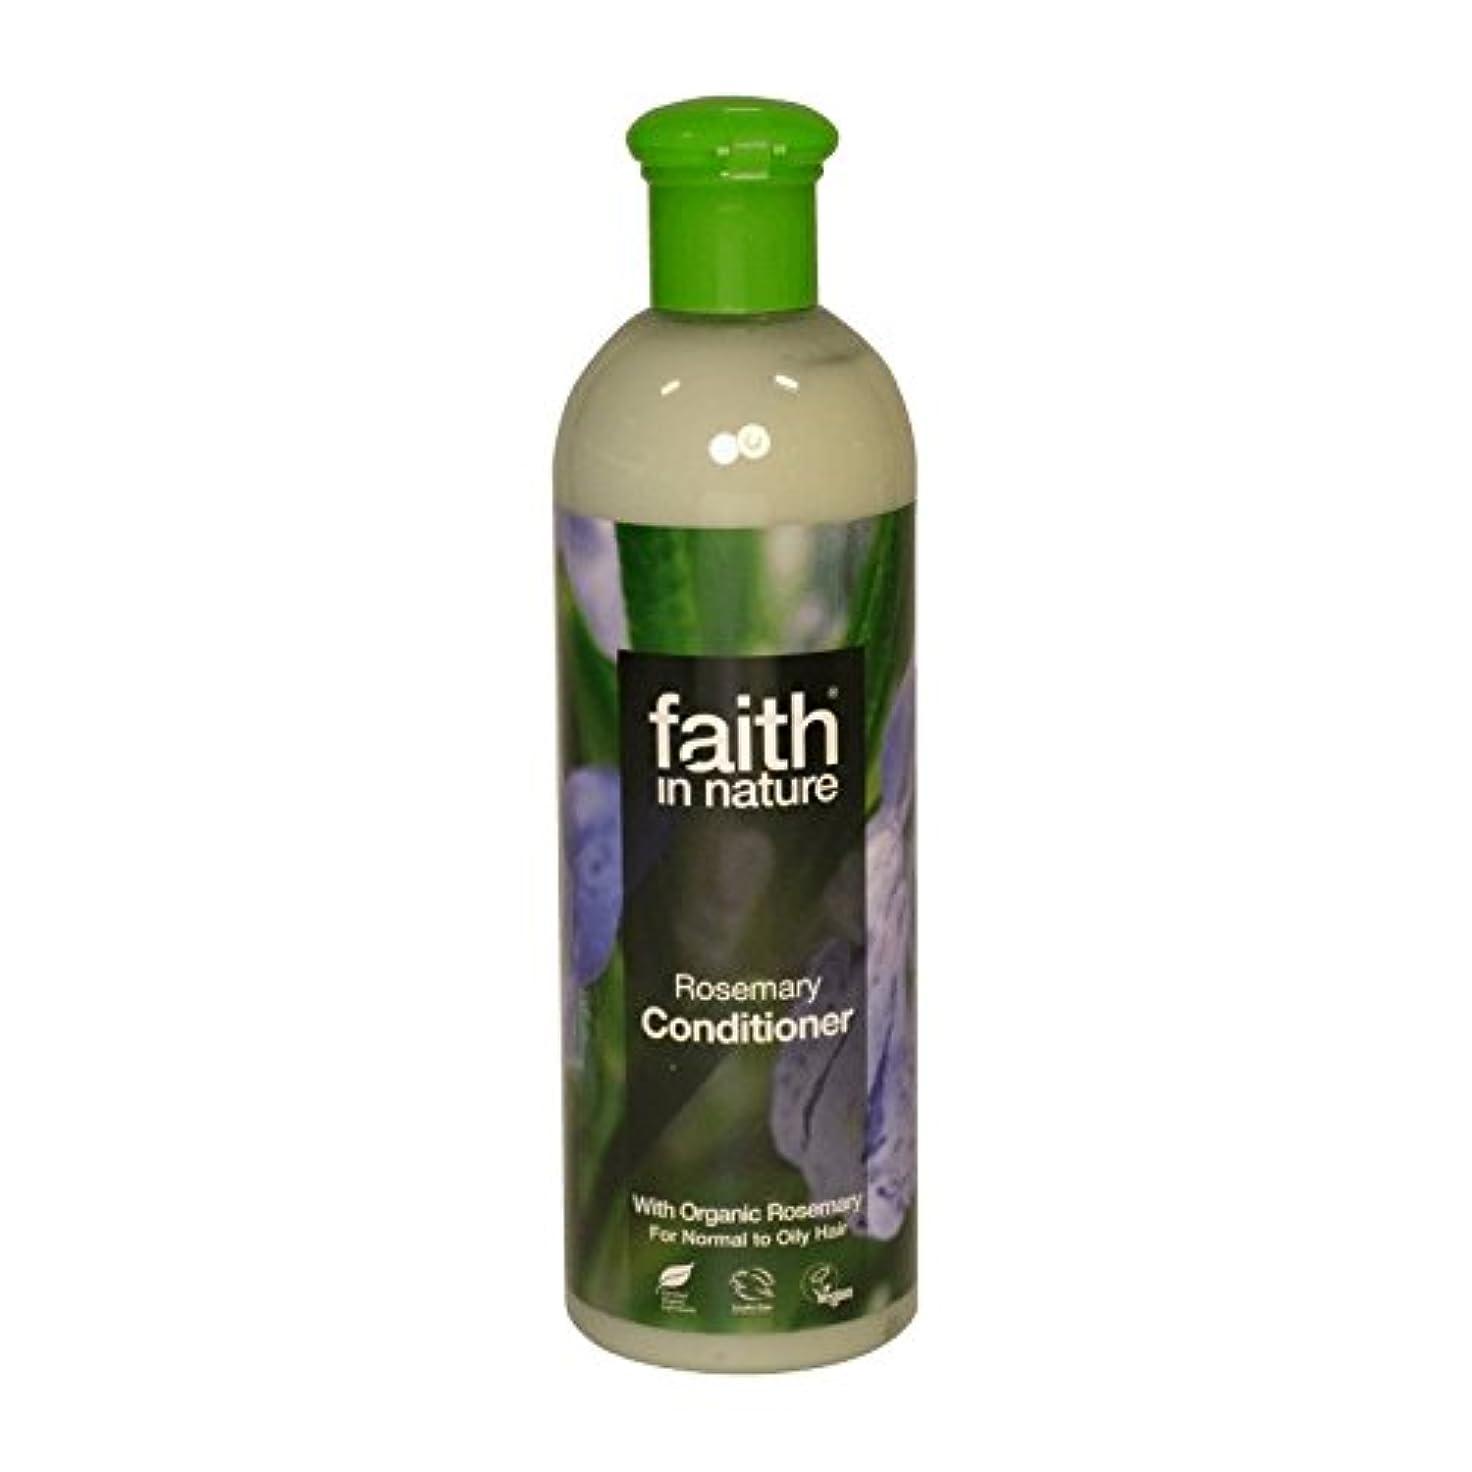 オーバーラン好ましい骨折Faith in Nature Rosemary Conditioner 400ml (Pack of 6) - 自然ローズマリーコンディショナー400ミリリットルの信仰 (x6) [並行輸入品]